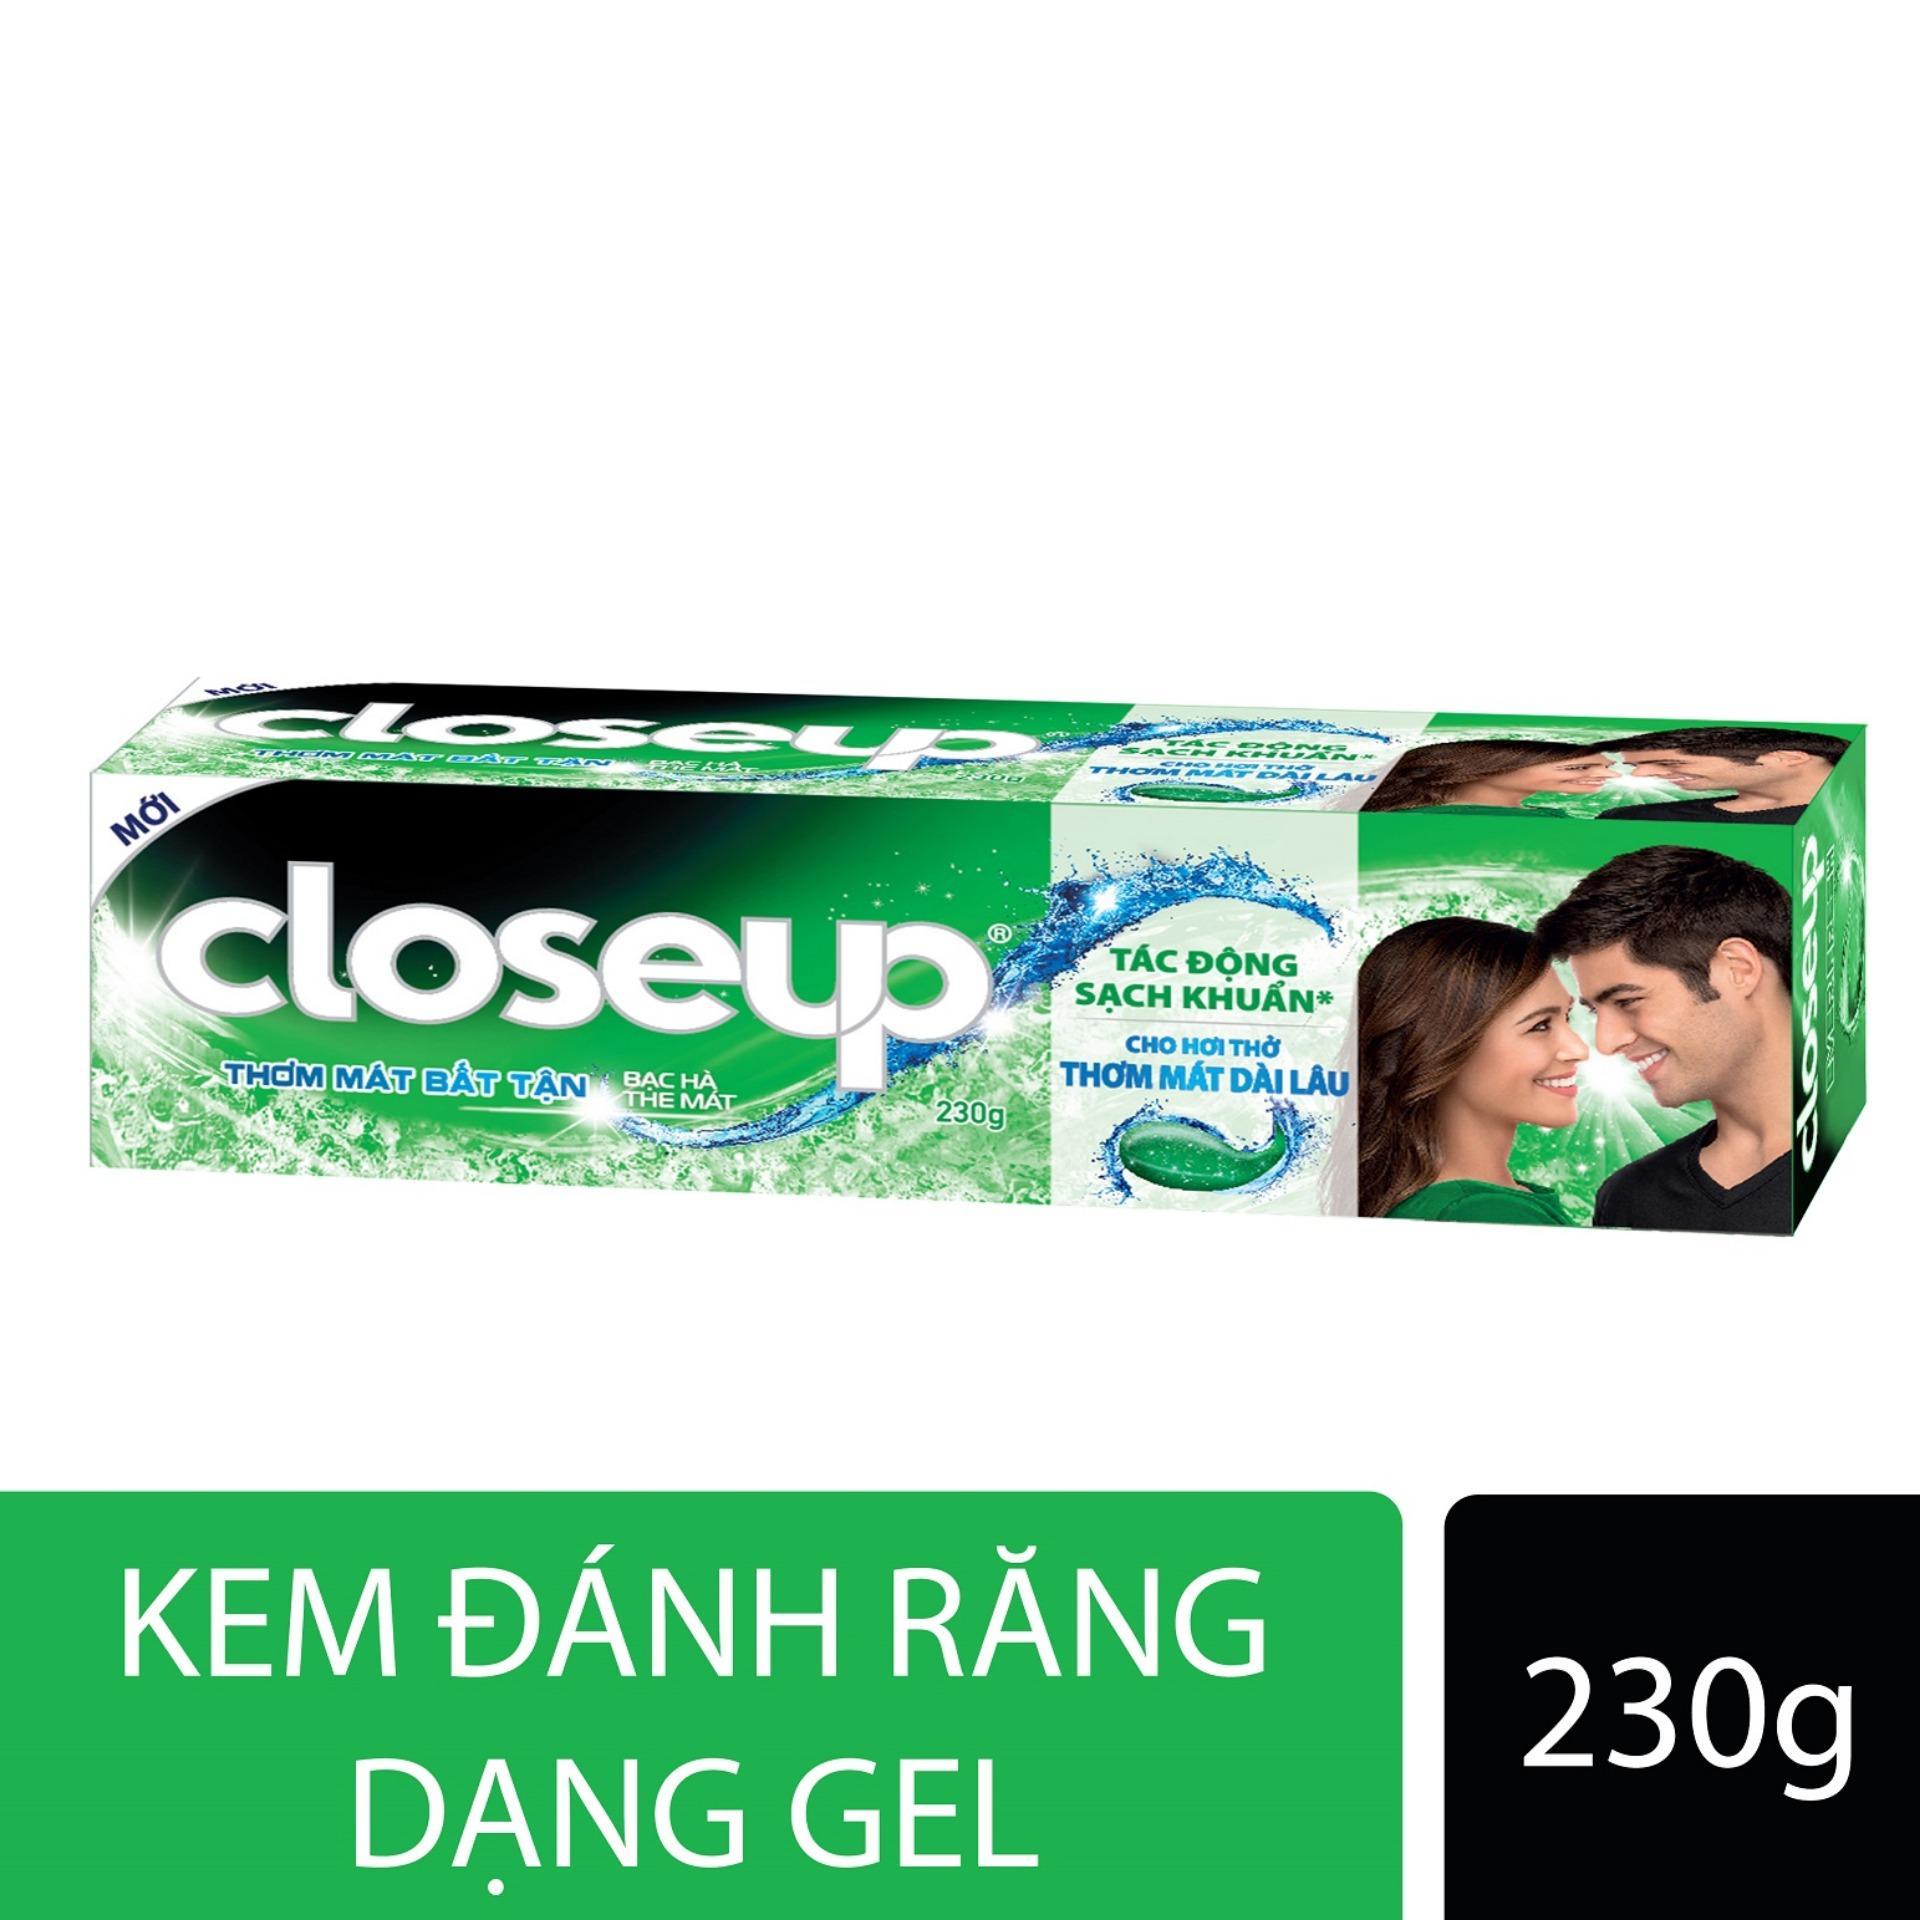 Kem đánh răng dạng GEL Closeup Thơm Mát Bất Tận - Bạc Hà The Mát 230g